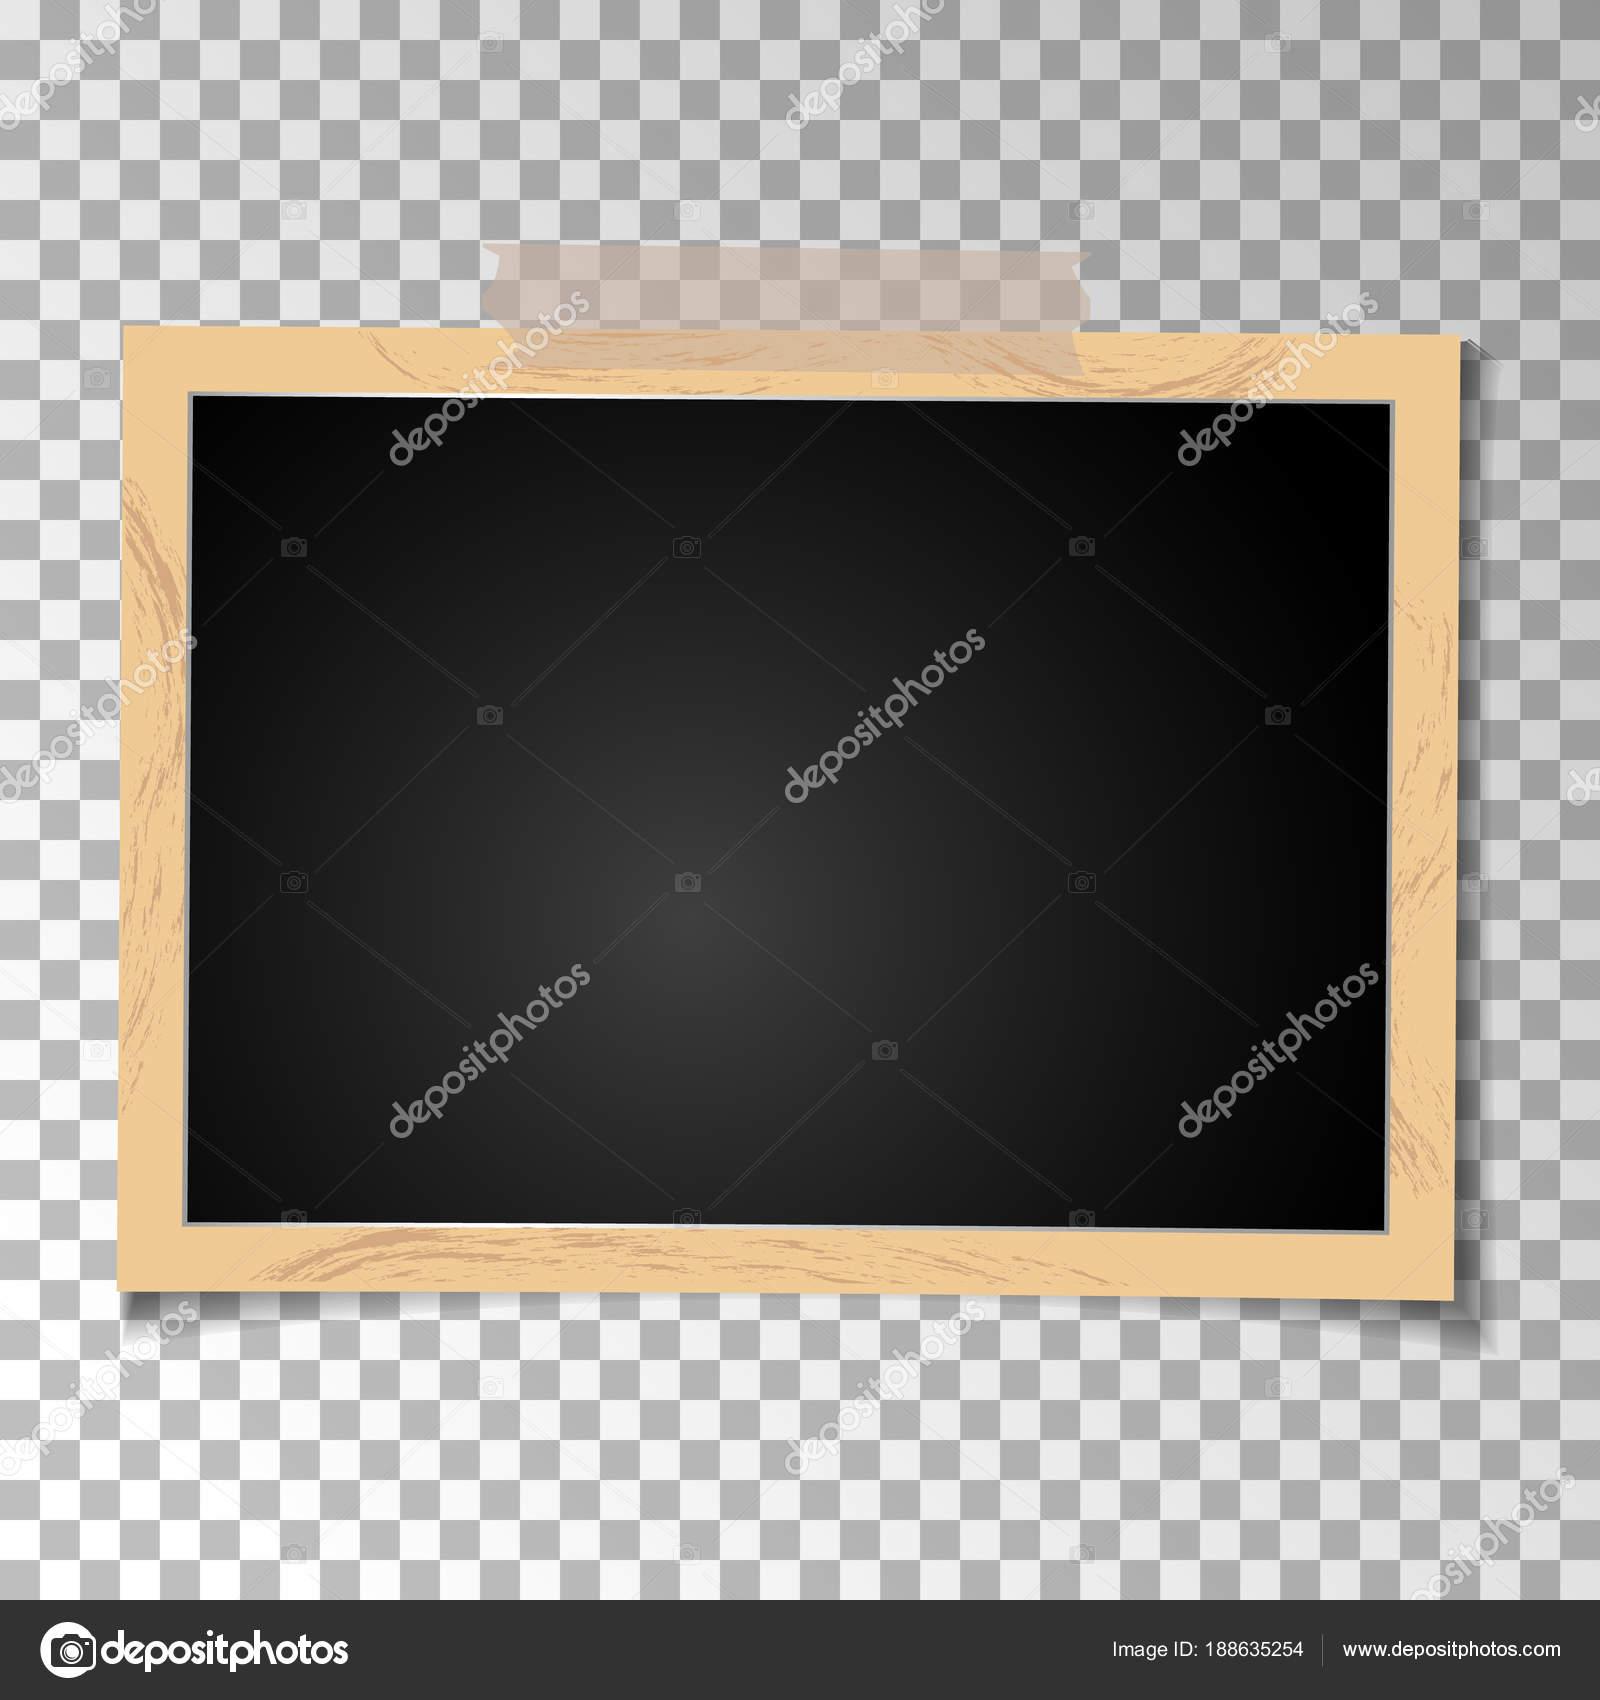 Rahmen Retro-Foto auf transparentem Hintergrund. Horizontale leere ...